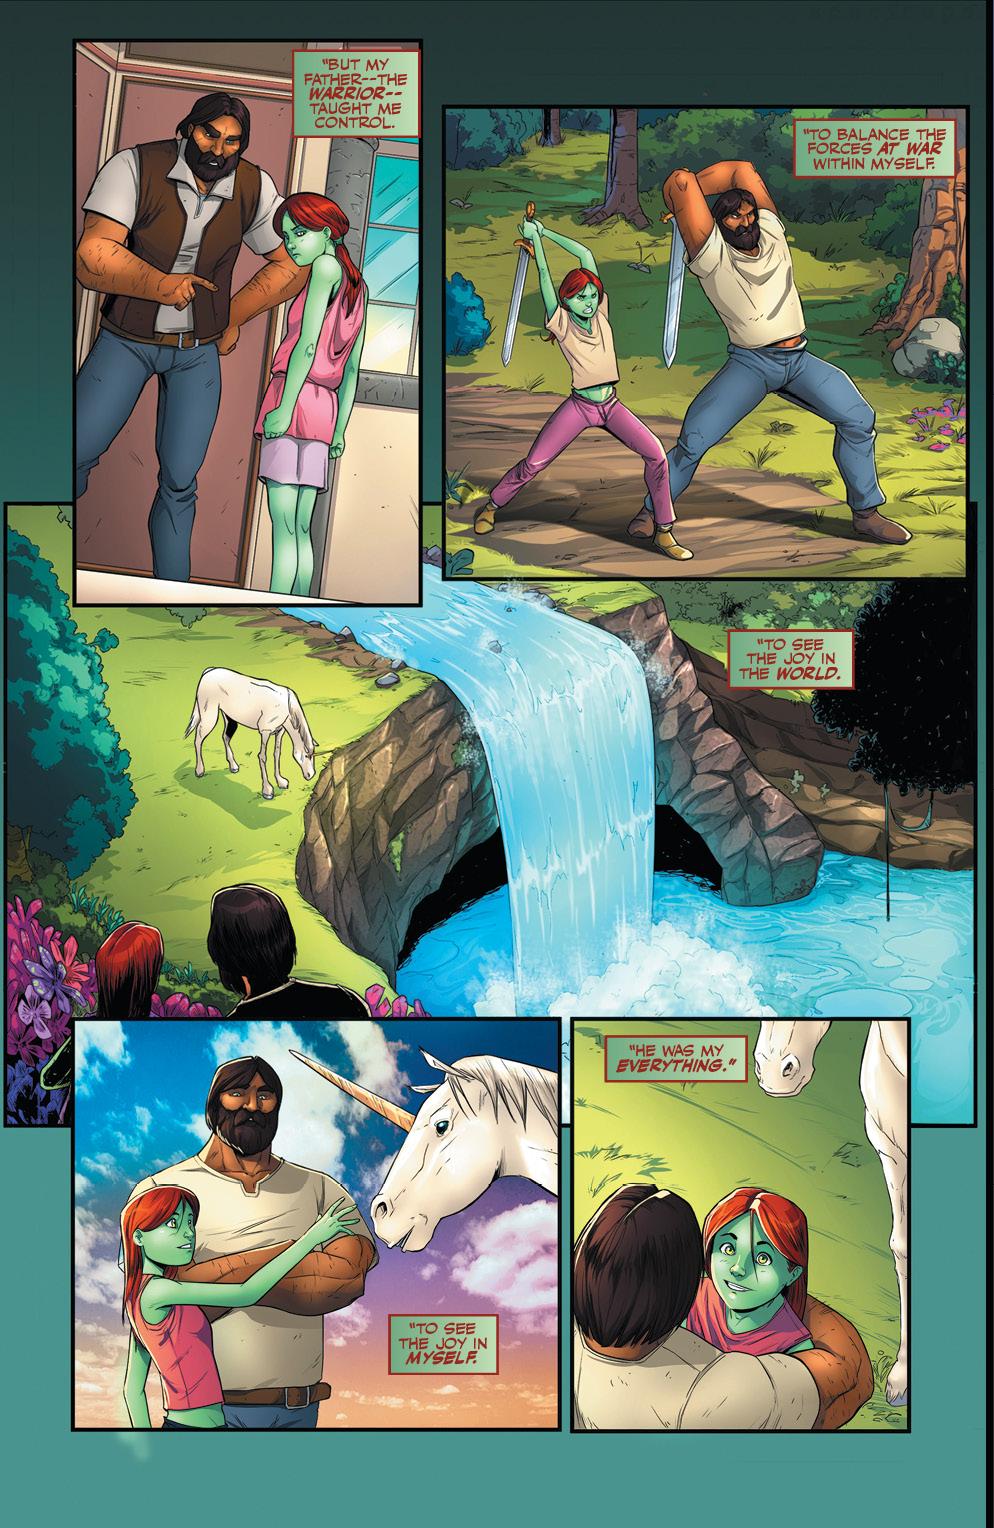 TFOZ06_page 8